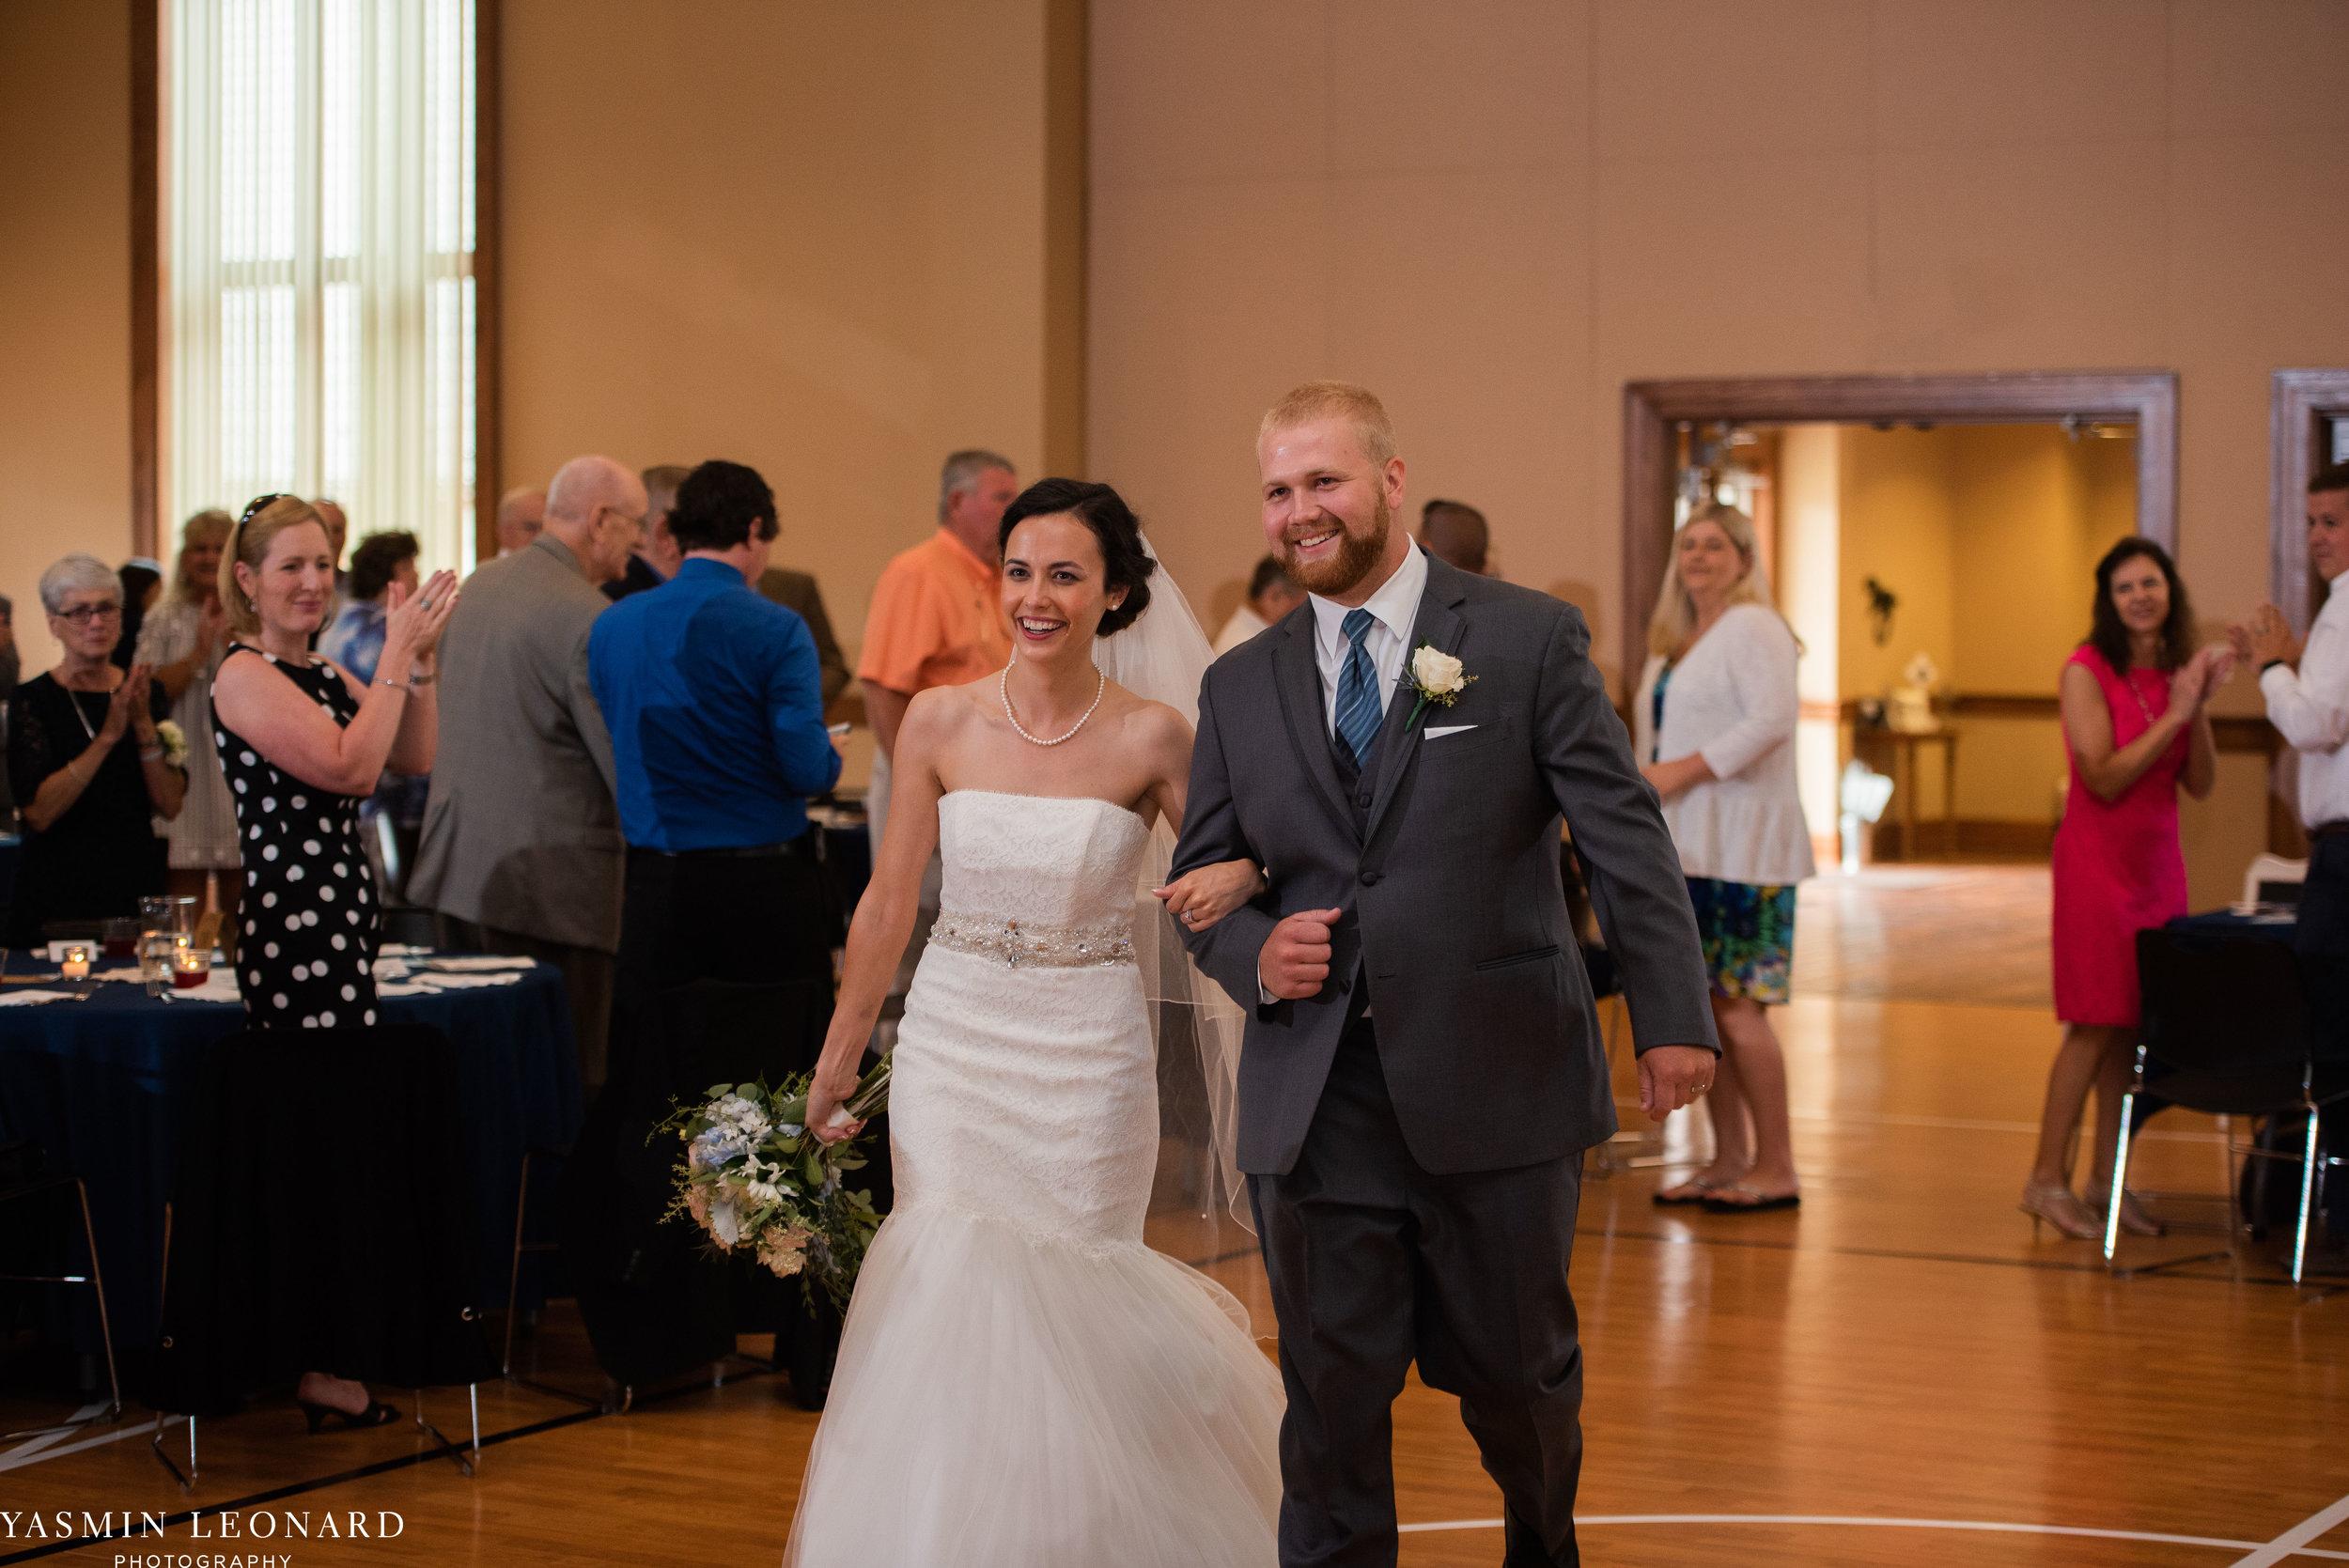 Mt. Pleasant Church - Church Wedding - Traditional Wedding - Church Ceremony - Country Wedding - Godly Wedding - NC Wedding Photographer - High Point Weddings - Triad Weddings - NC Venues-46.jpg